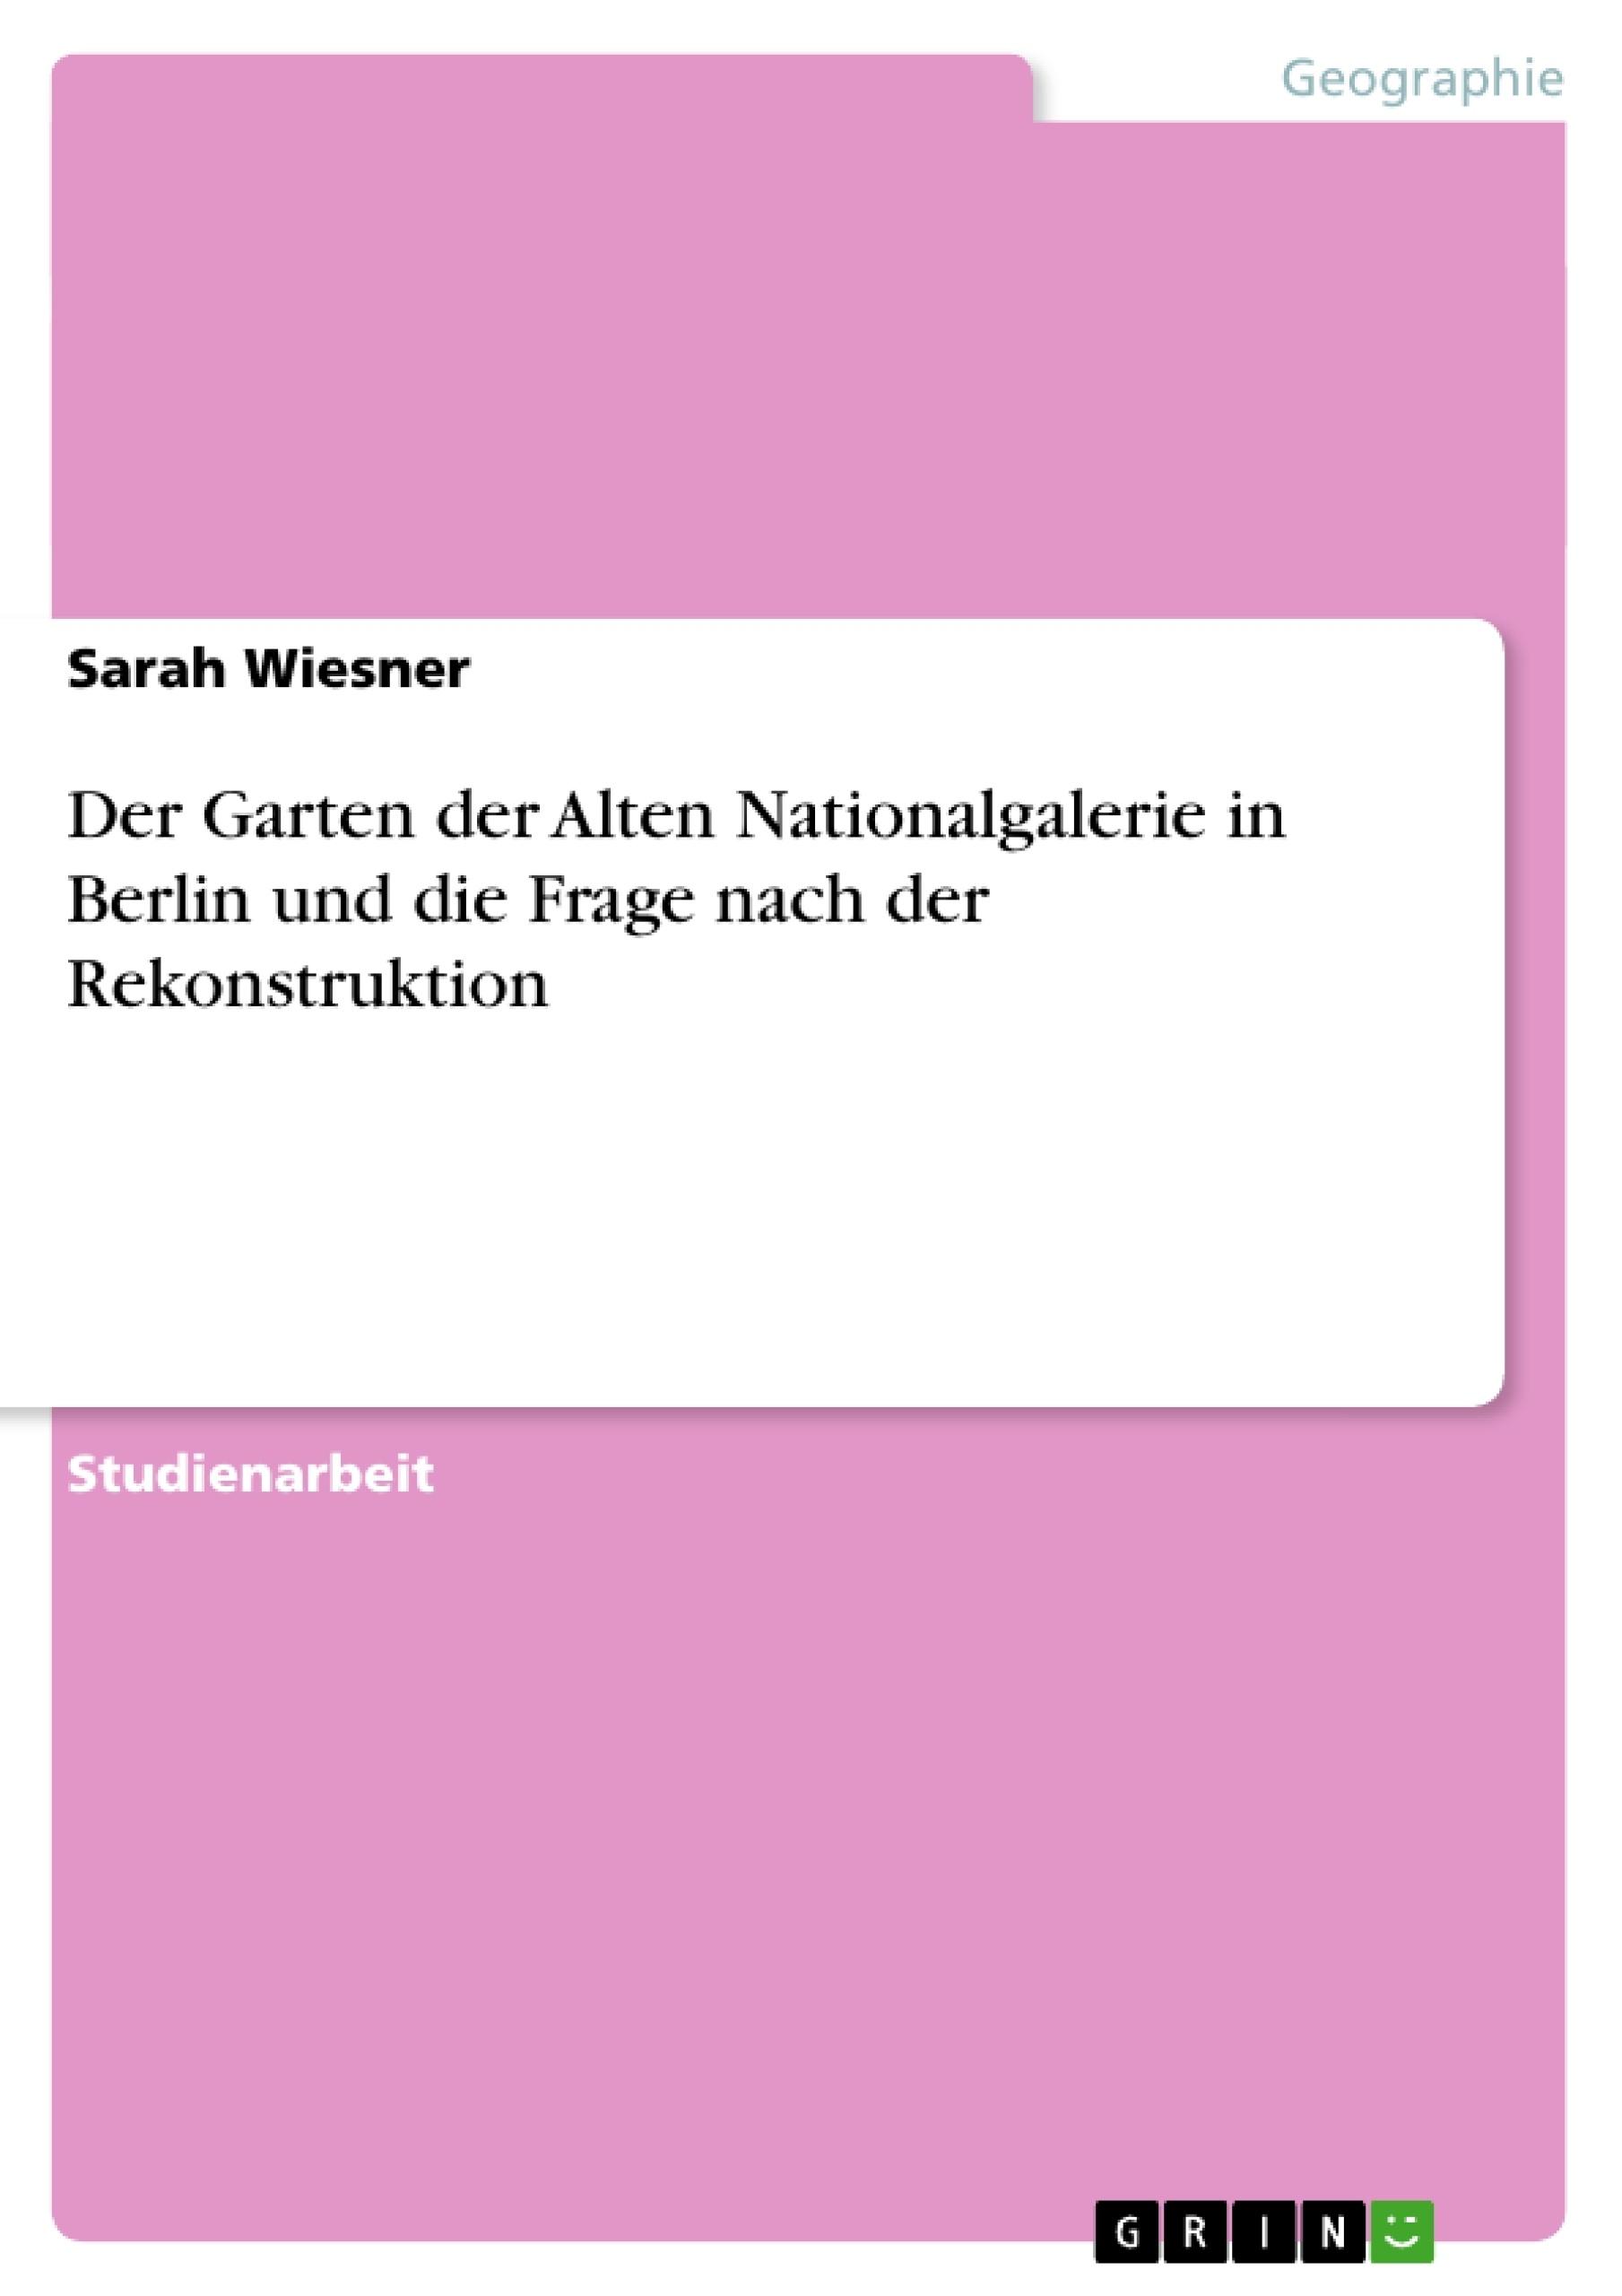 Titel: Der Garten der Alten Nationalgalerie in Berlin und die Frage nach der Rekonstruktion